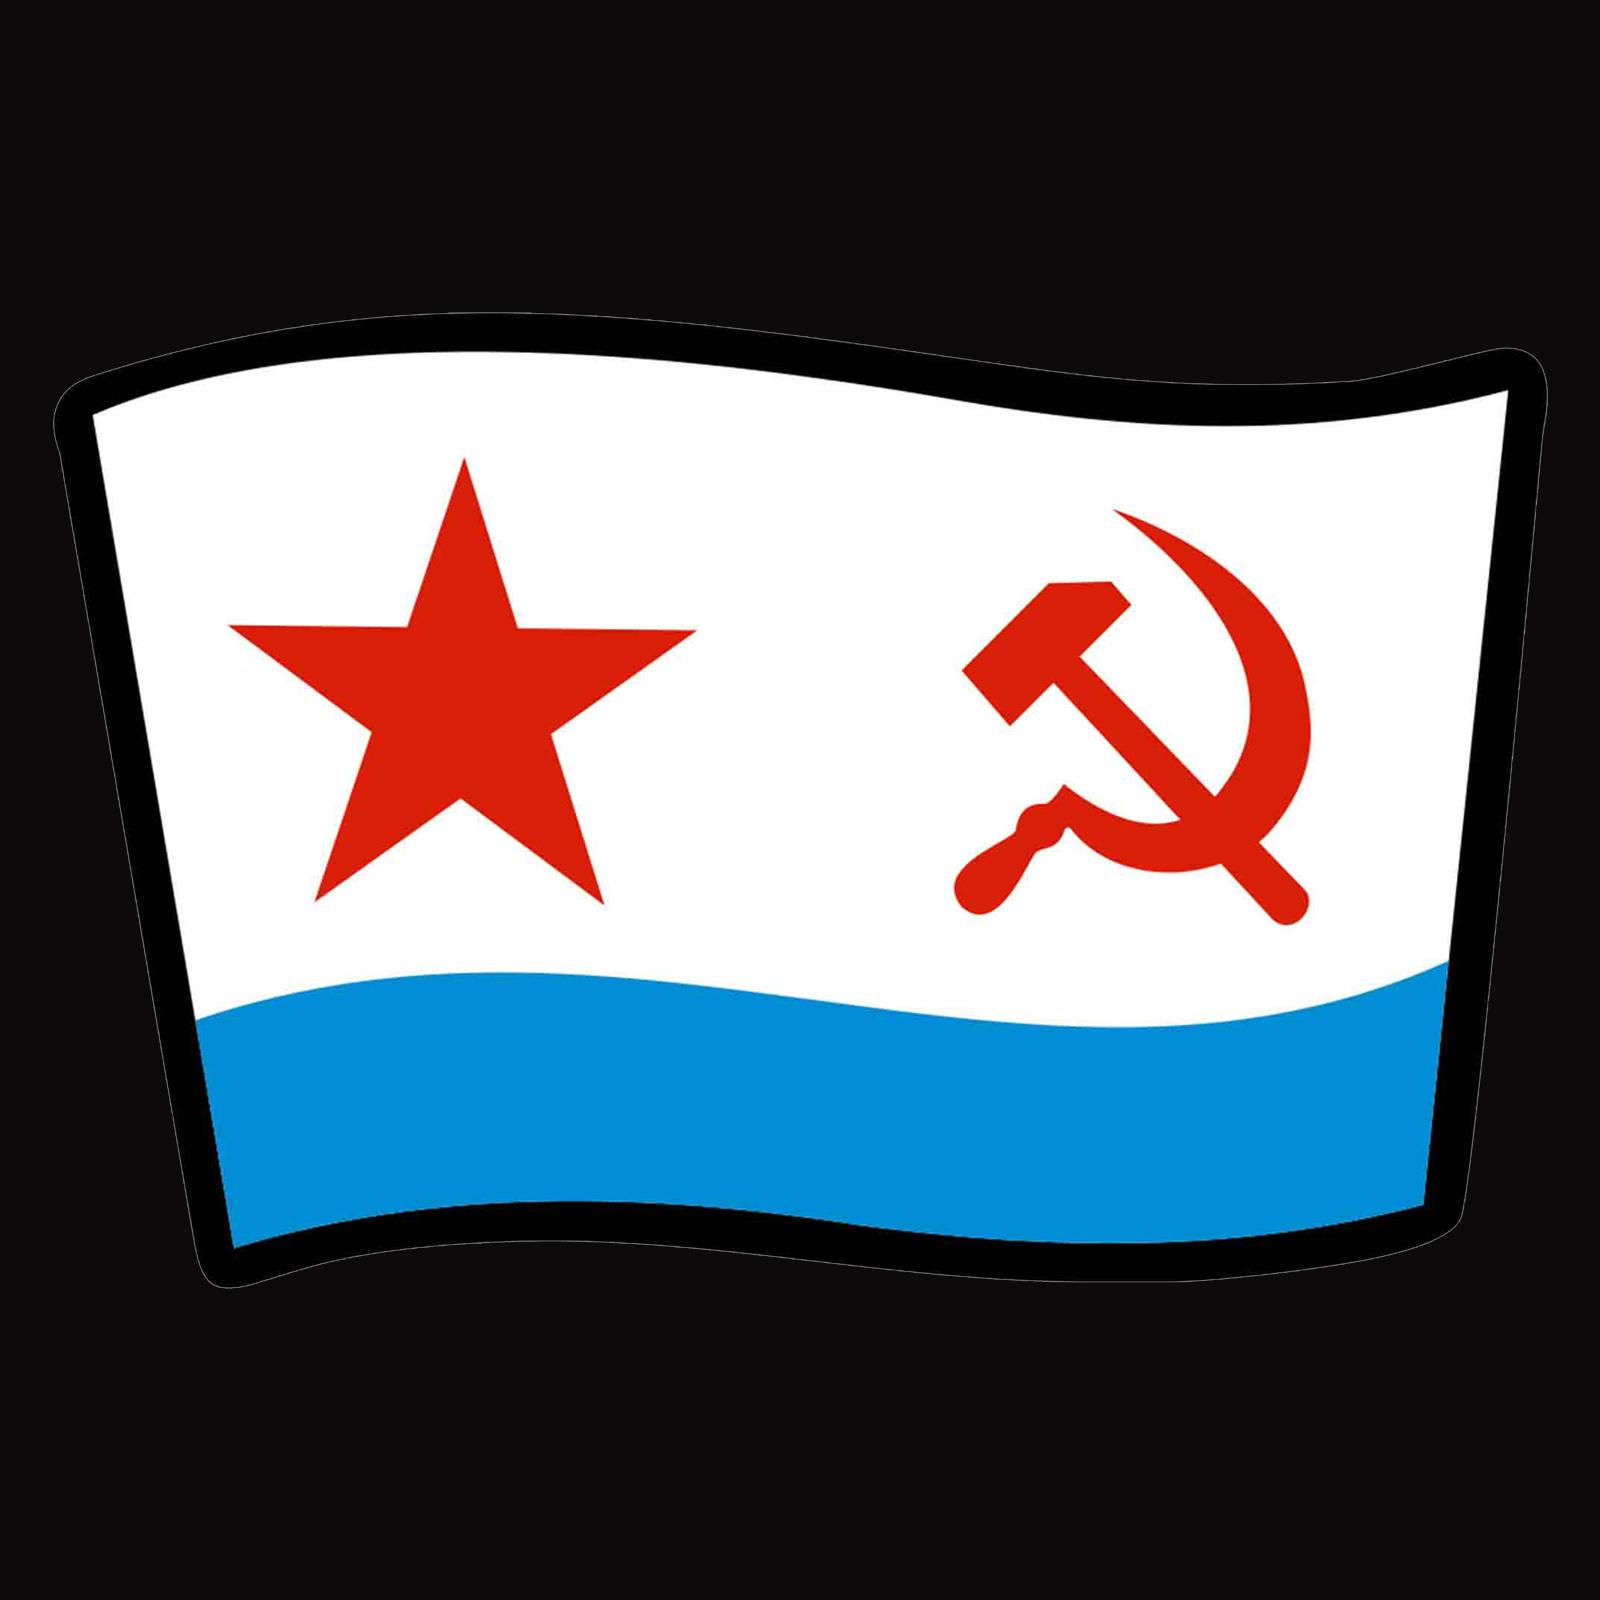 Черная футболка ВМФ СССР - термотрансфер